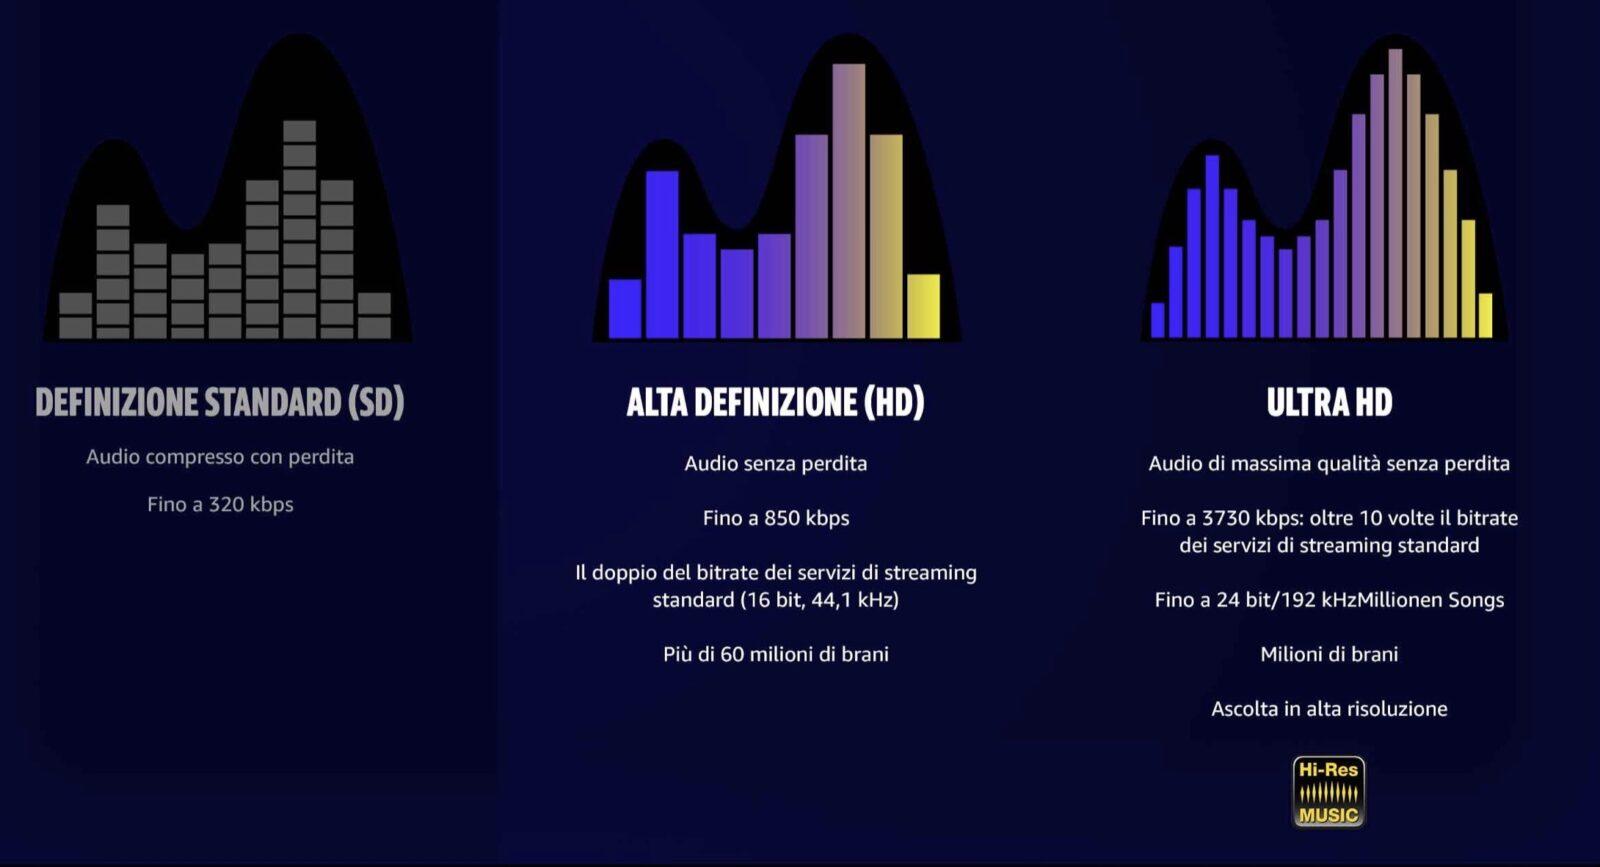 Amazon Music ora offre streaming audio in alta qualità con Amazon Music HD